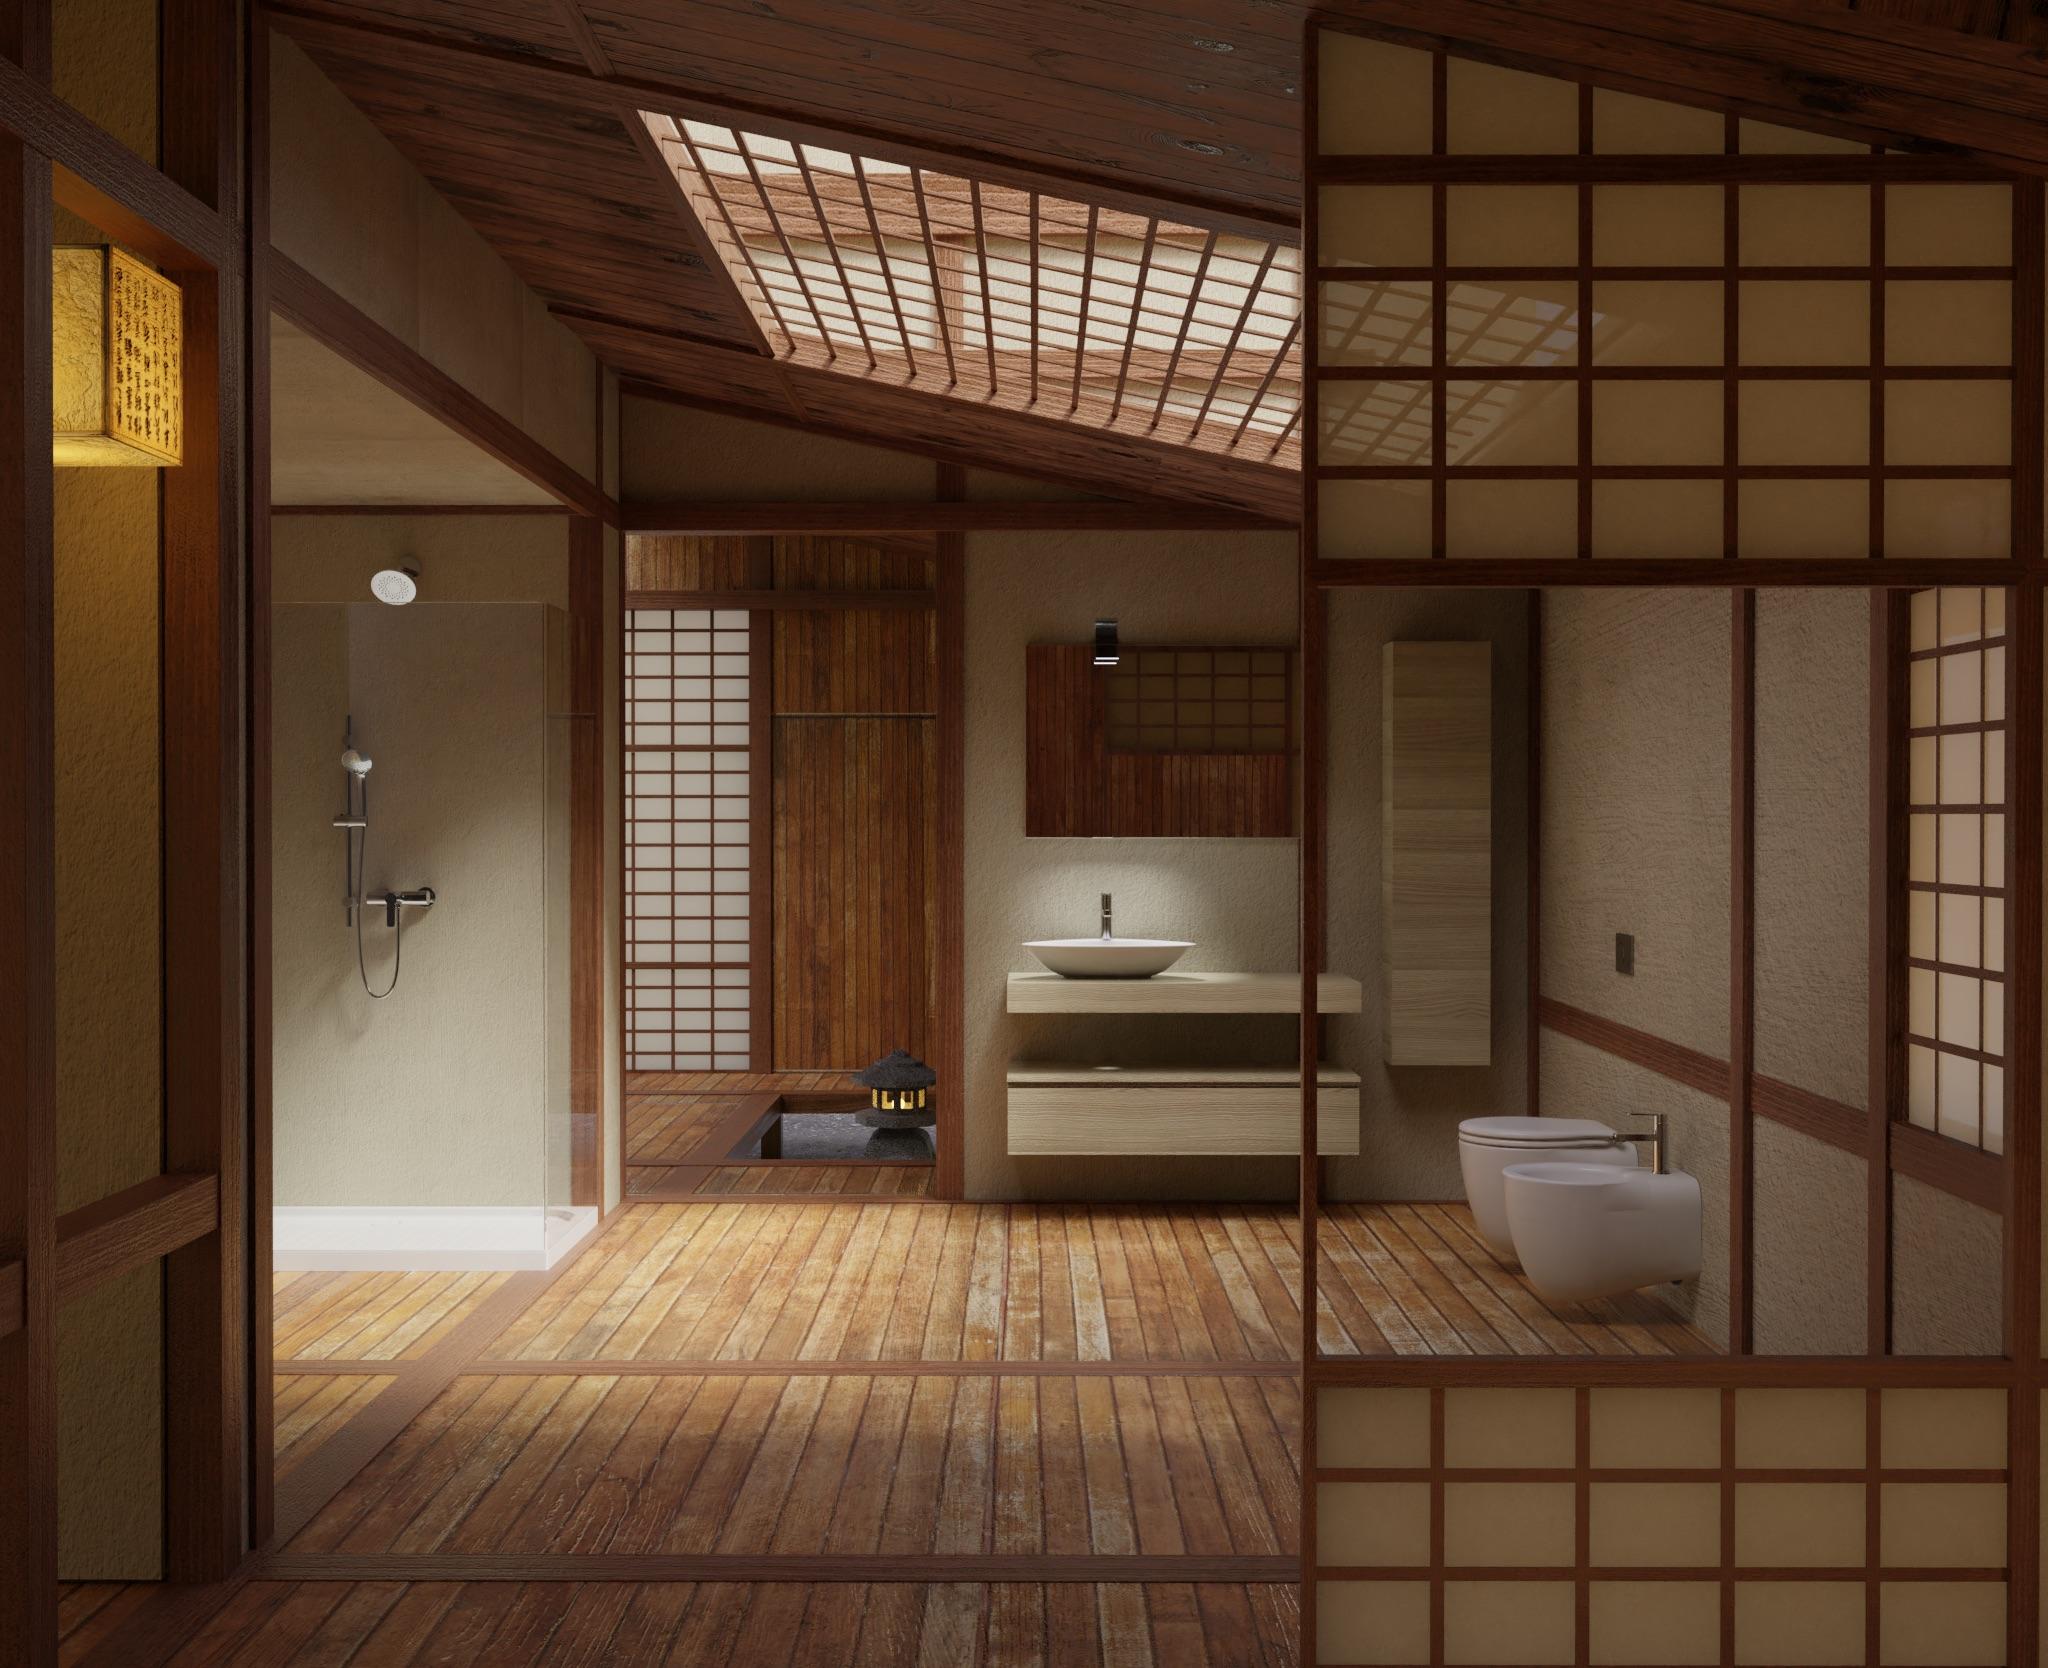 Come posizionare gli accessori del bagno per uno stile orientale modo d - Bagno stile giapponese ...